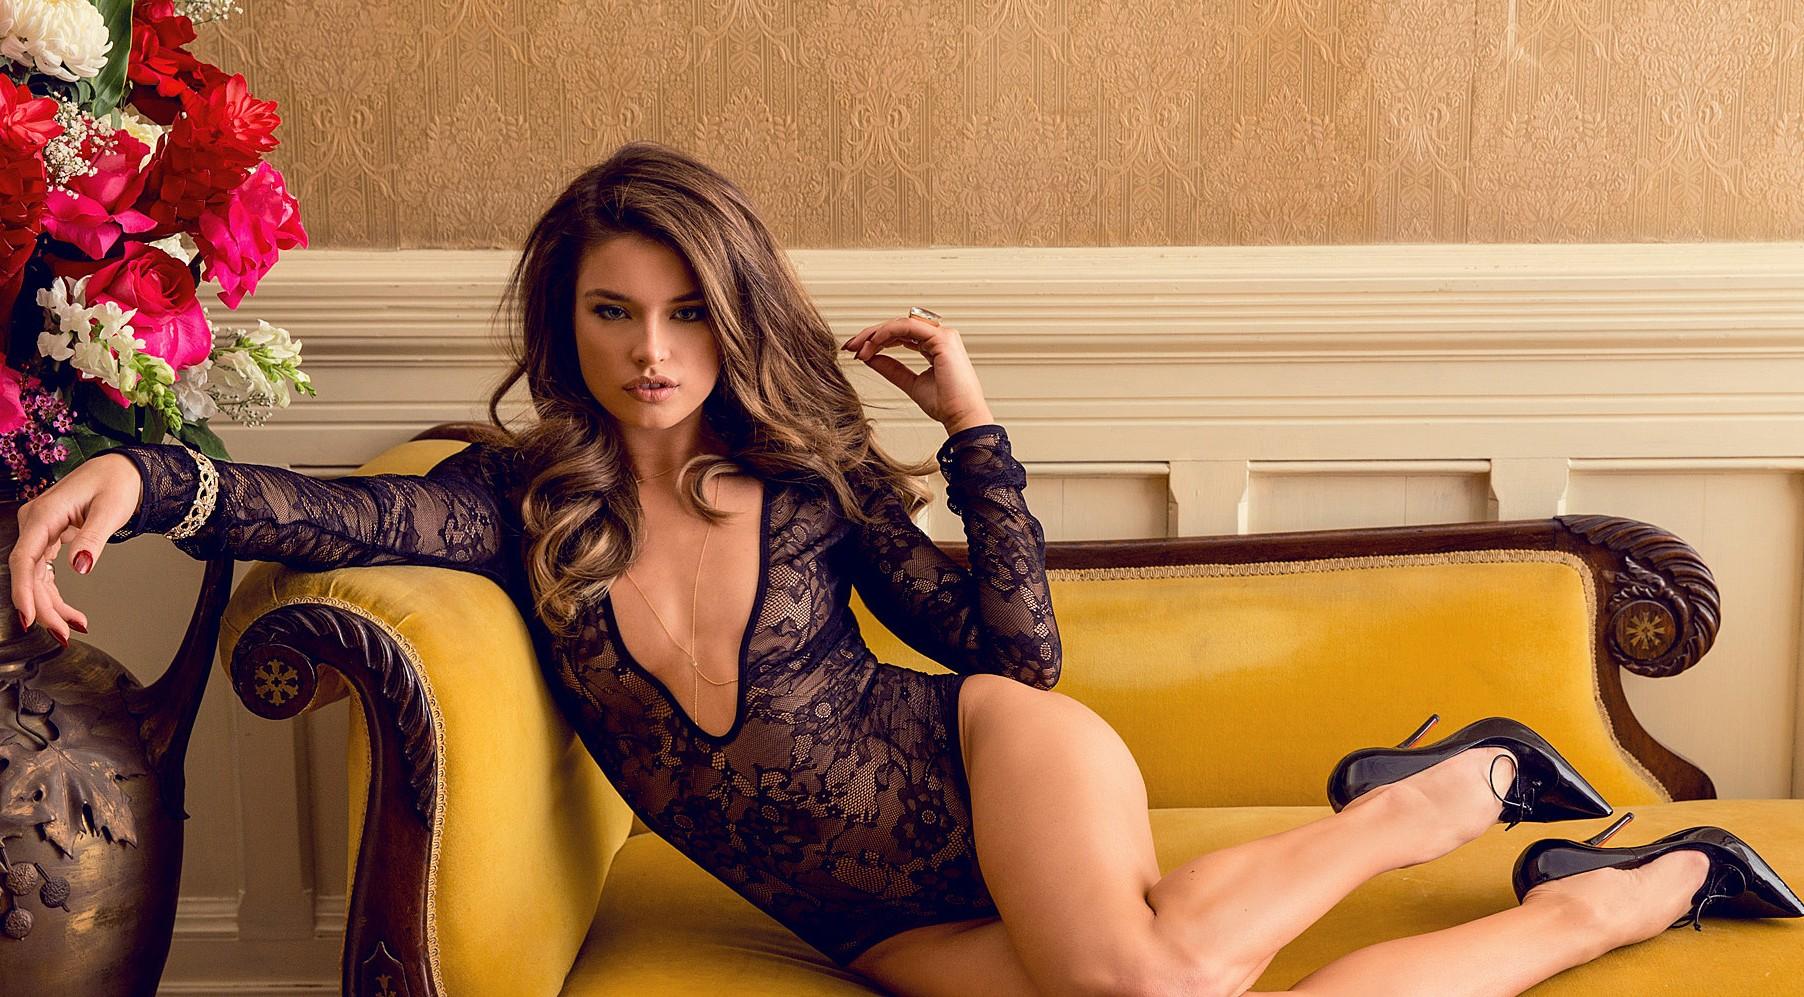 Лица молодых моделей плейбоя, мамочкины секс фото